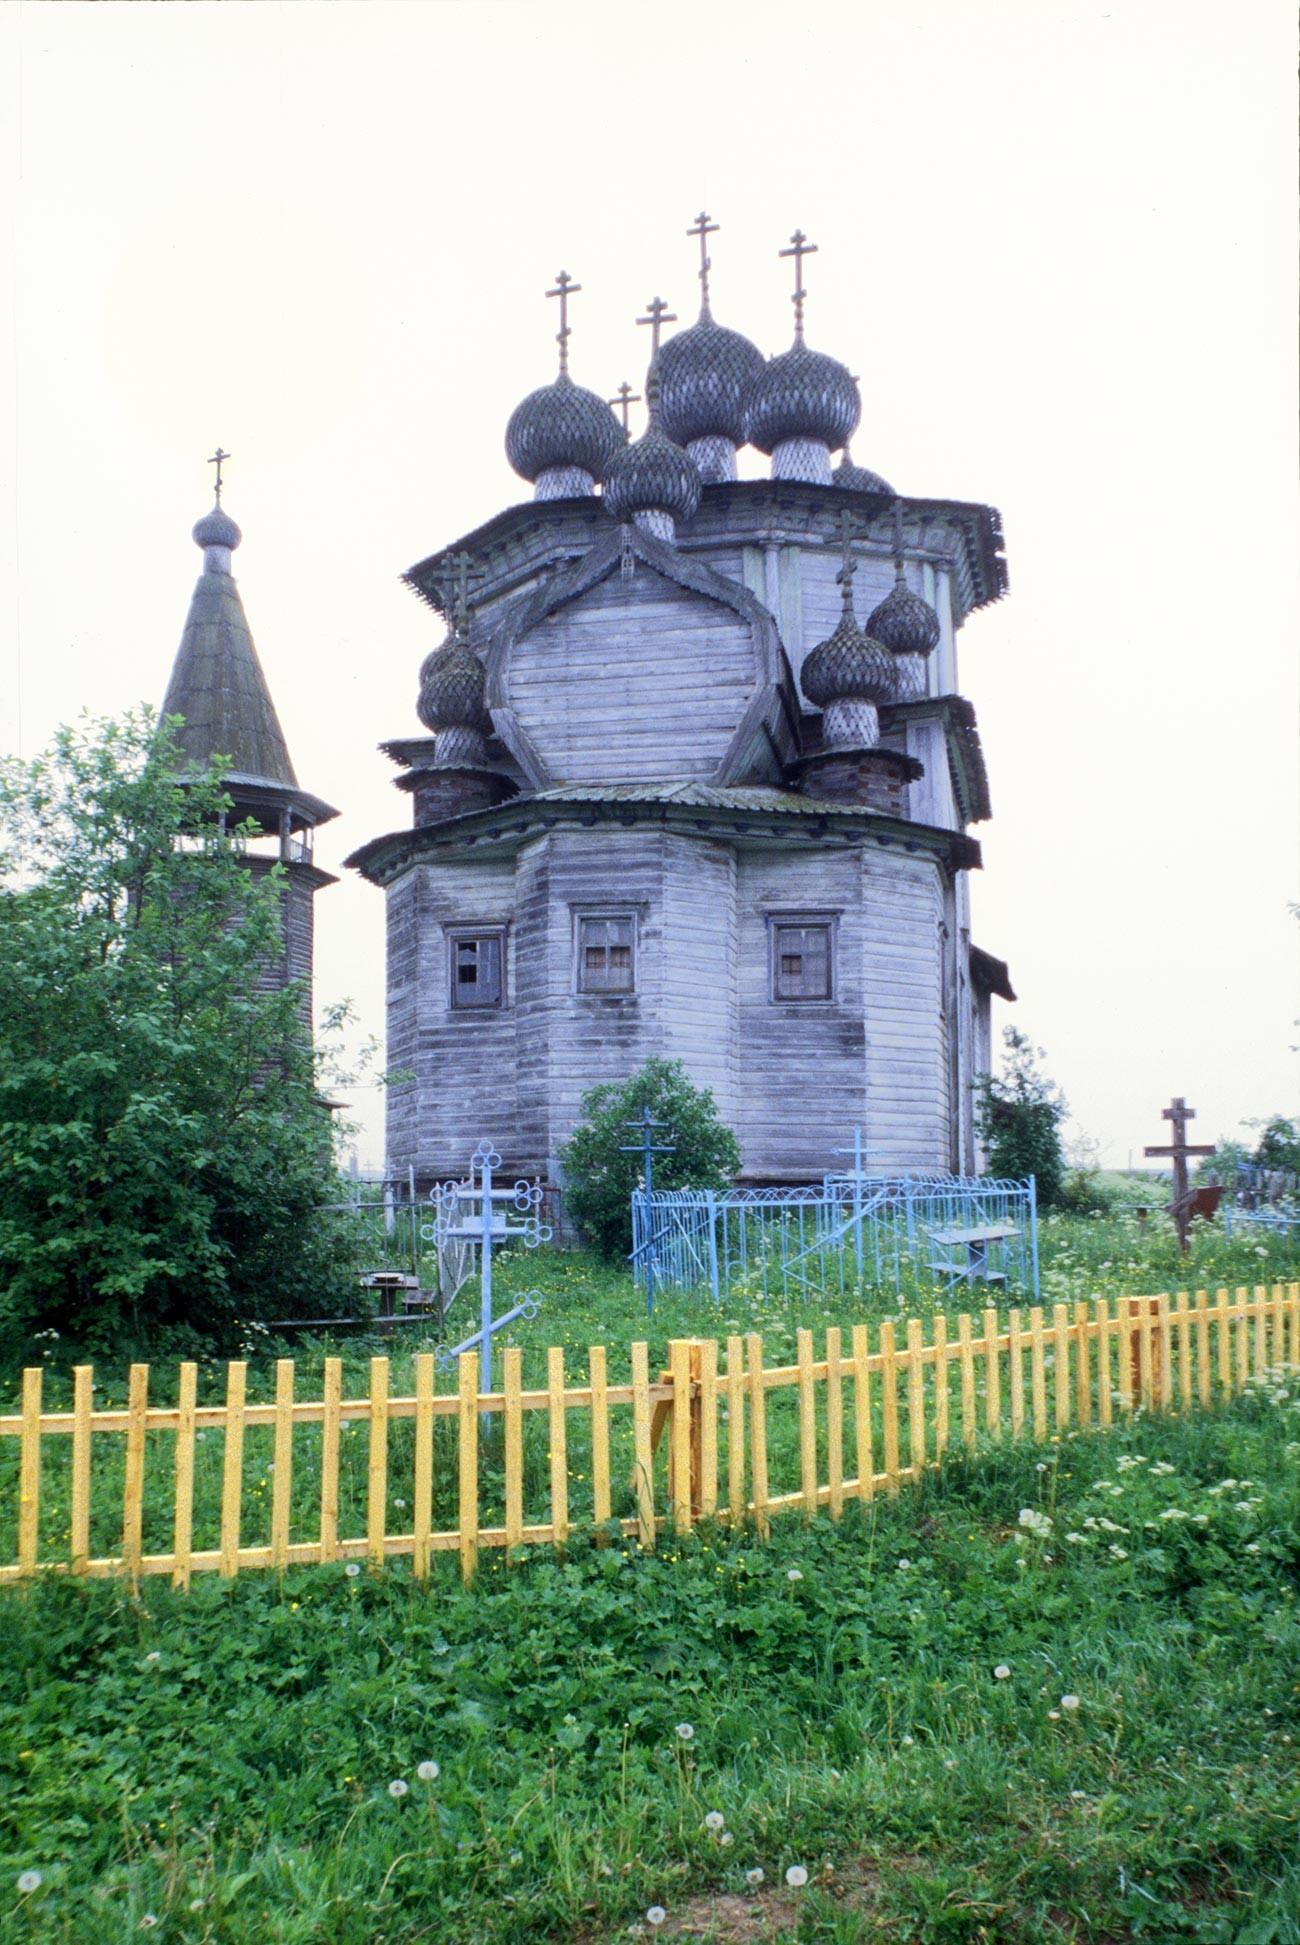 Ljadini. Bogojavljenska cerkev. Pogled na vzhod s pokopališčem. 19. junij 1998